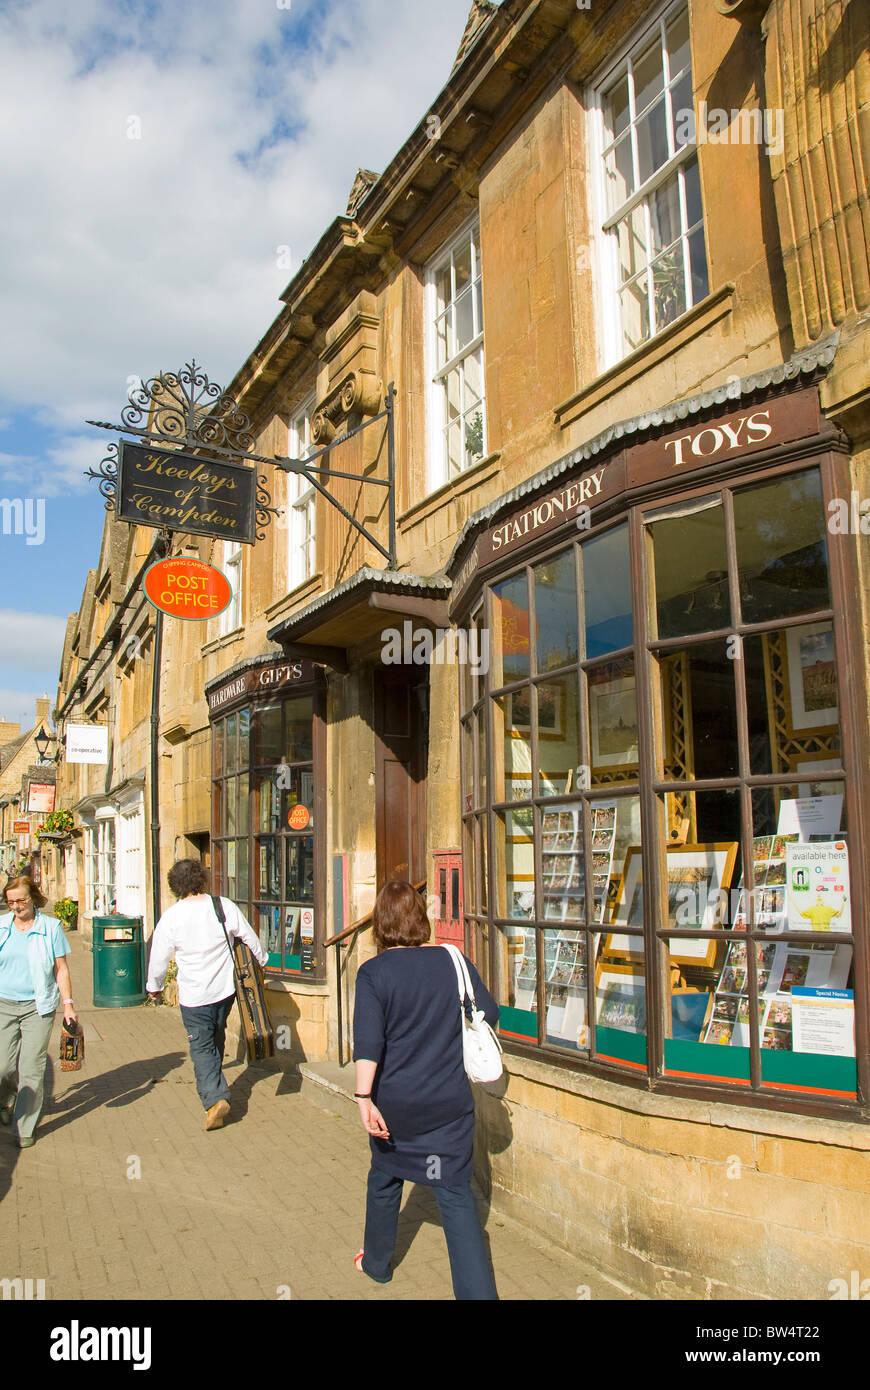 Les piétons en face de papeterie, Chipping Campden, Cotswolds, Gloucestershire, England, UK Photo Stock